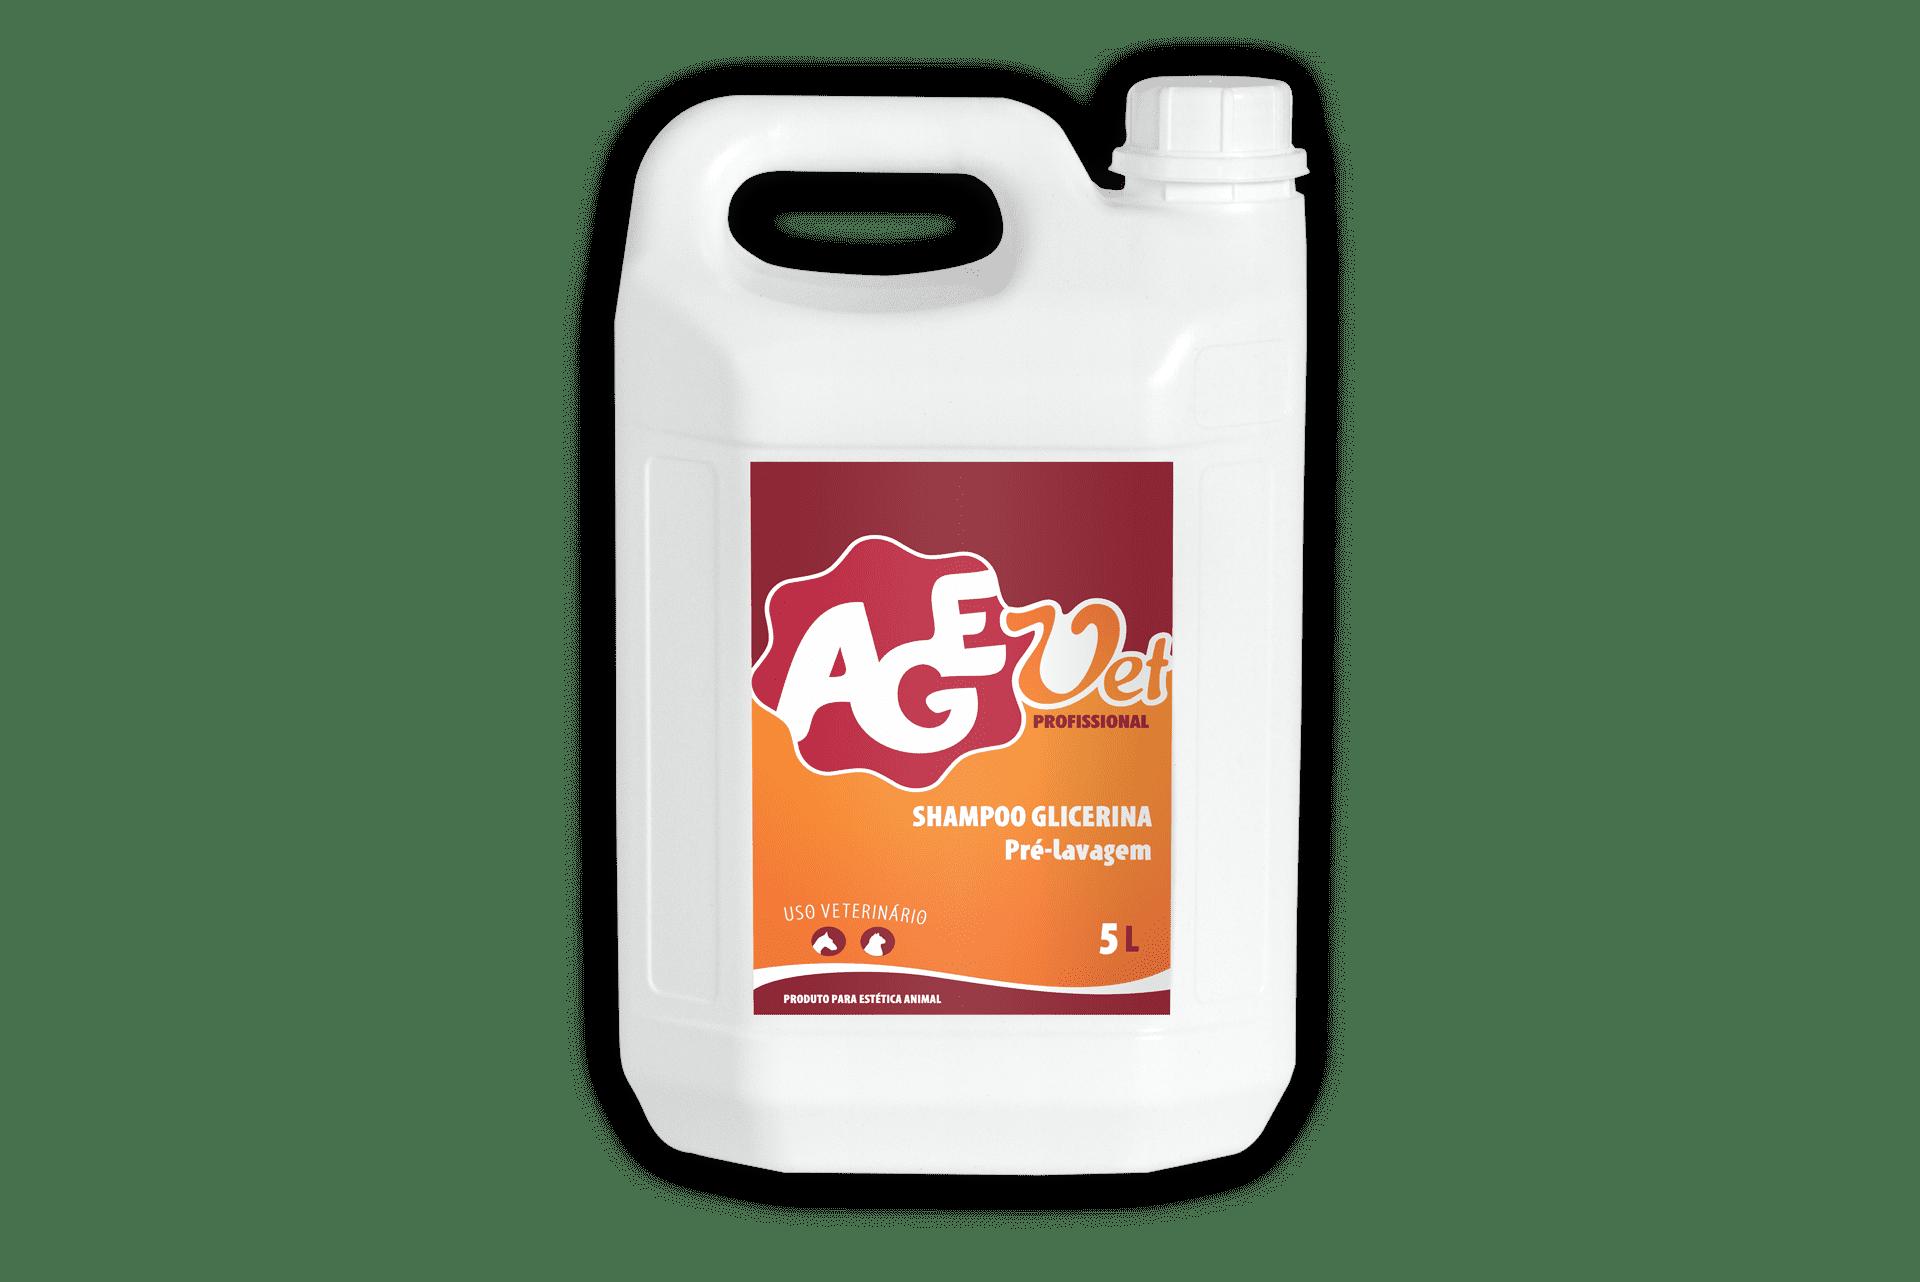 Foto do produto Shampoo Pré-Lavagem Glicerina 5 Litros para visualização